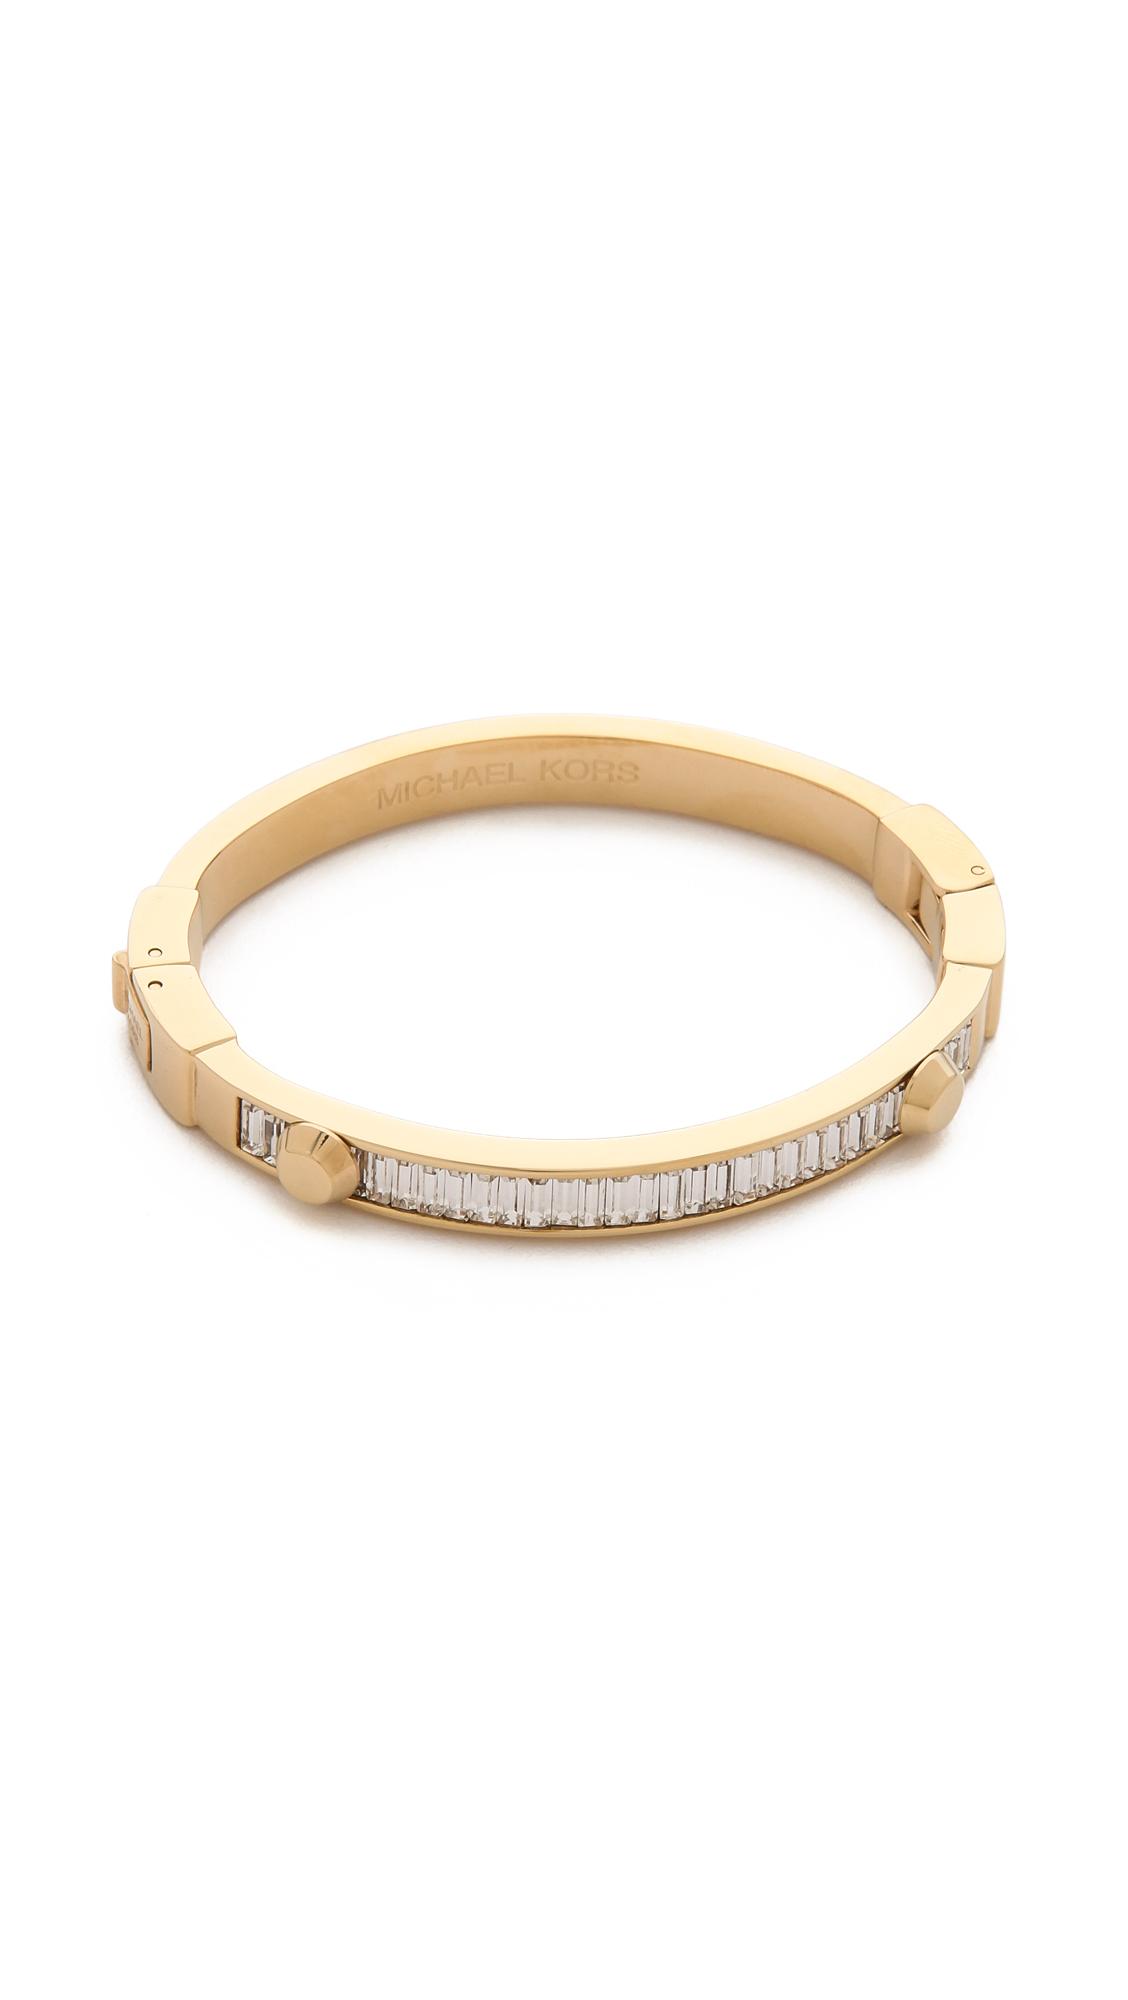 michael kors baguette astor bangle bracelet in gold gold. Black Bedroom Furniture Sets. Home Design Ideas